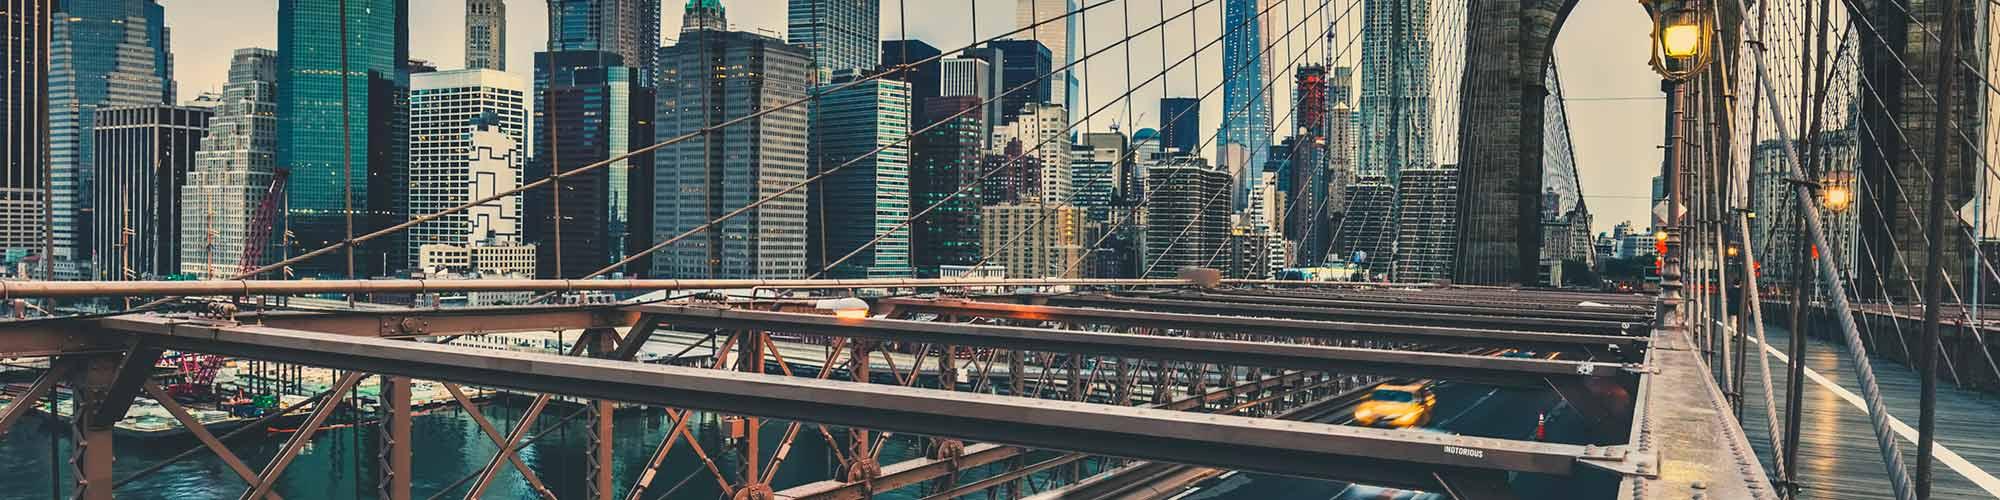 Nueva York: La ciudad vertical  - El Pais Viajes